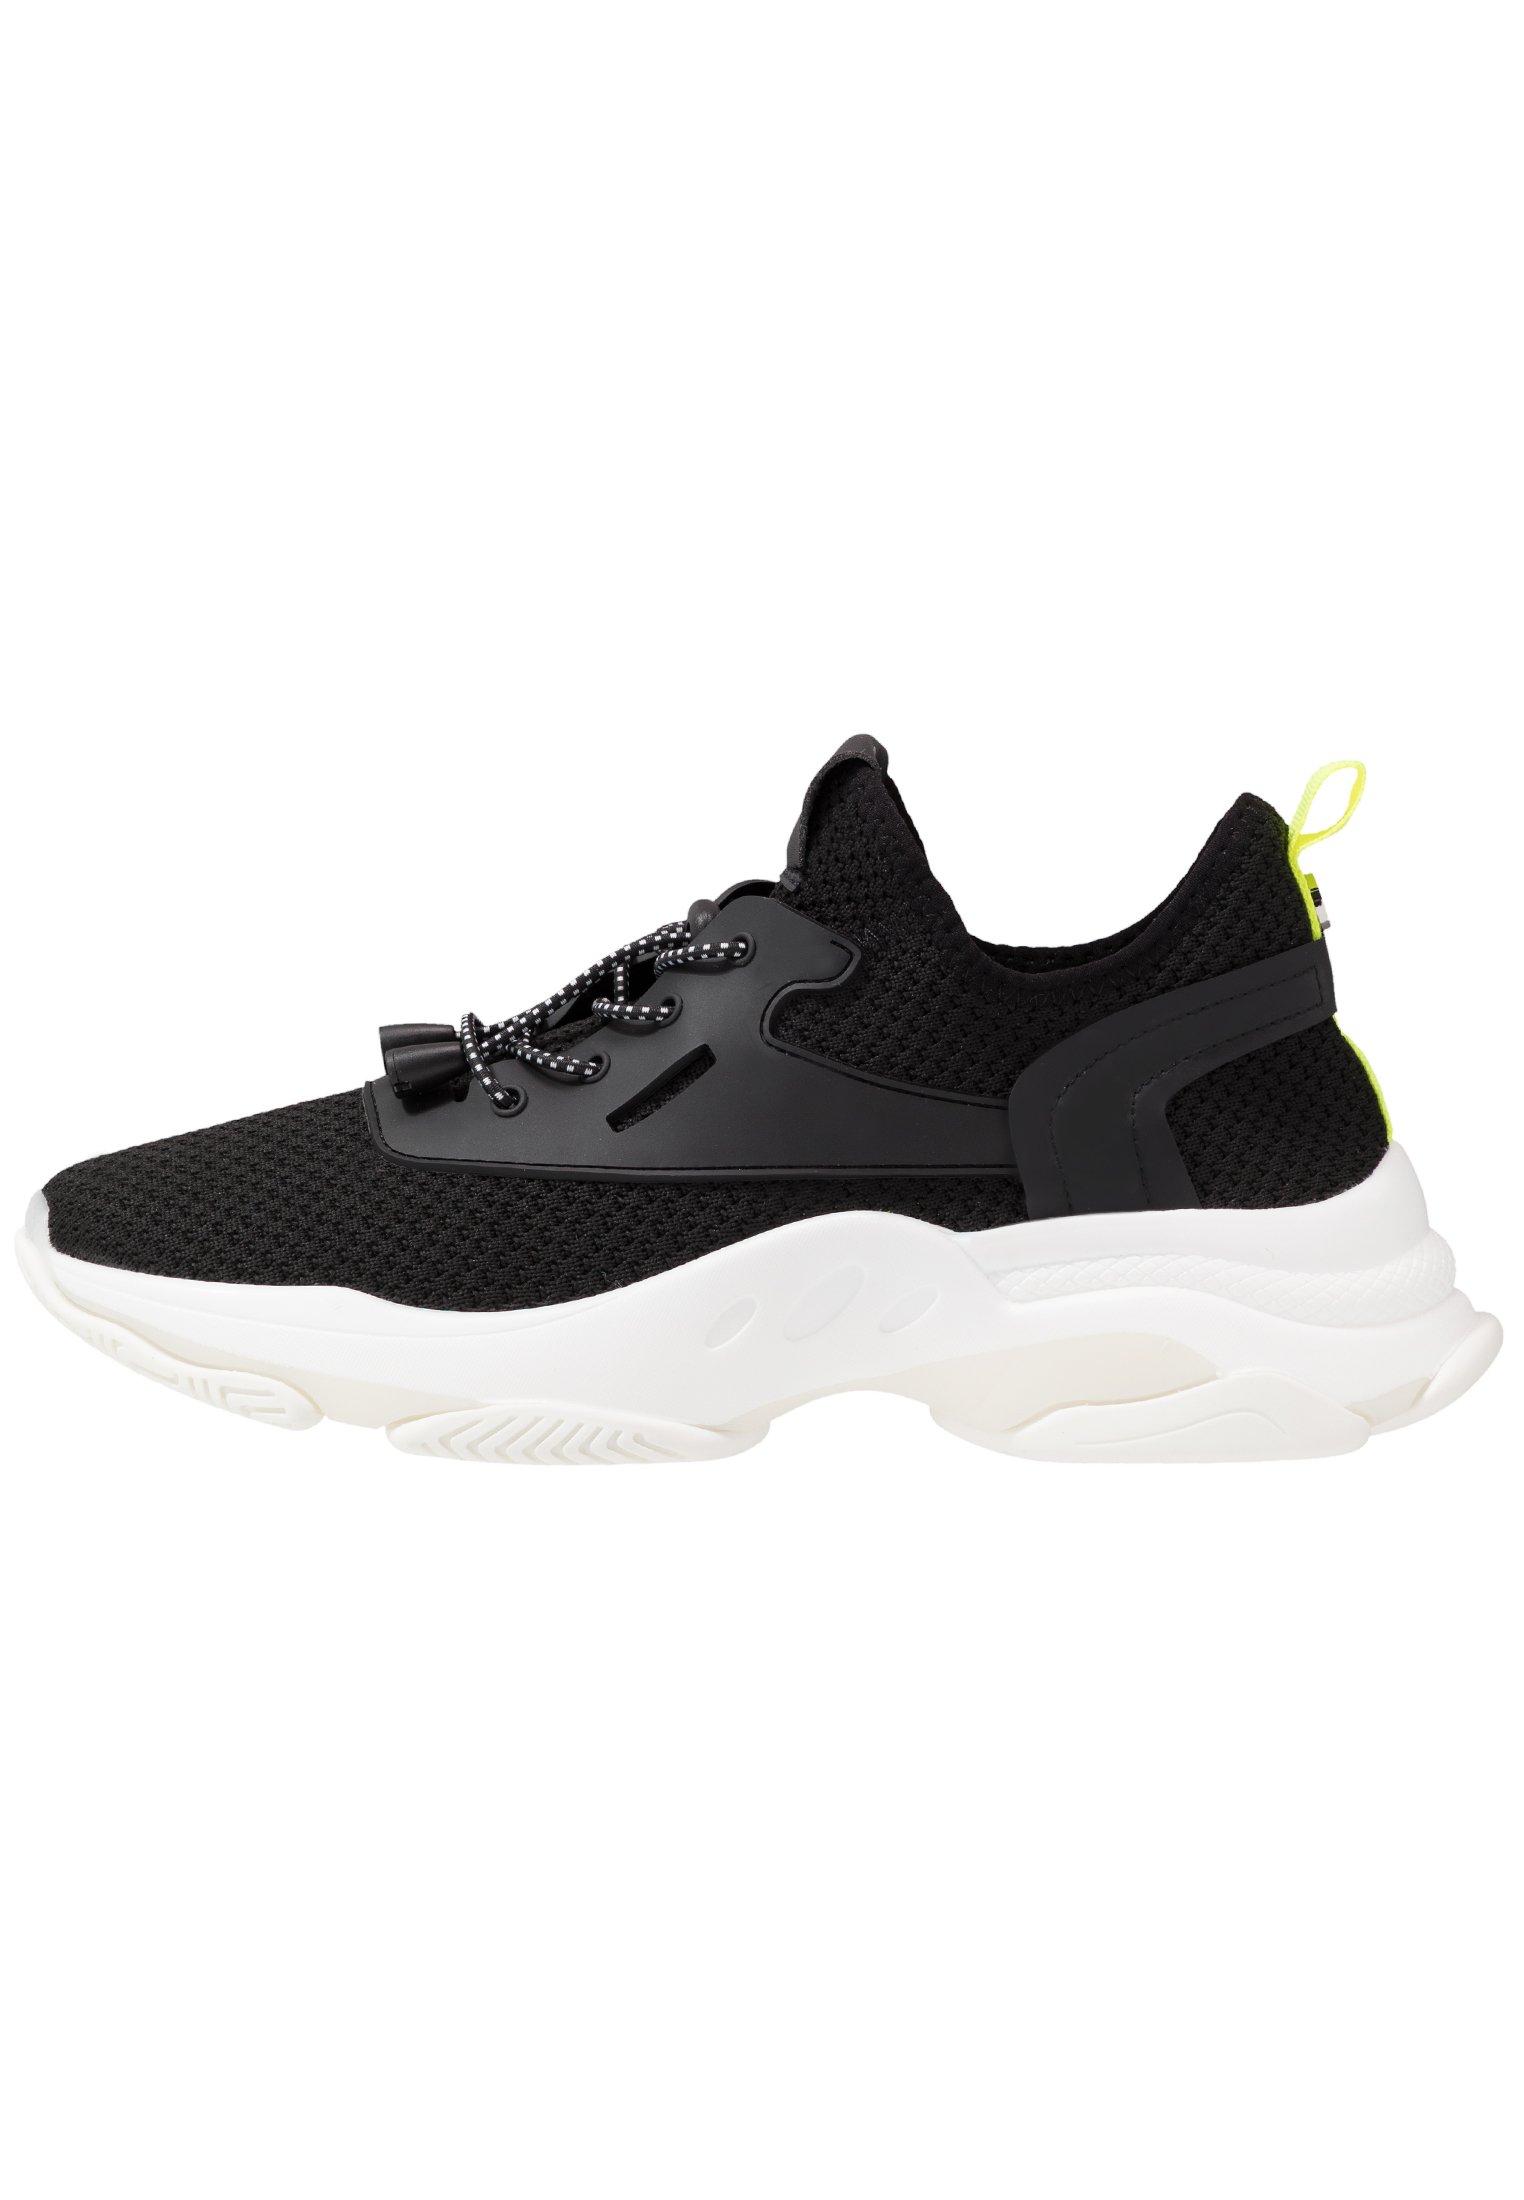 ISLES Sneakers black